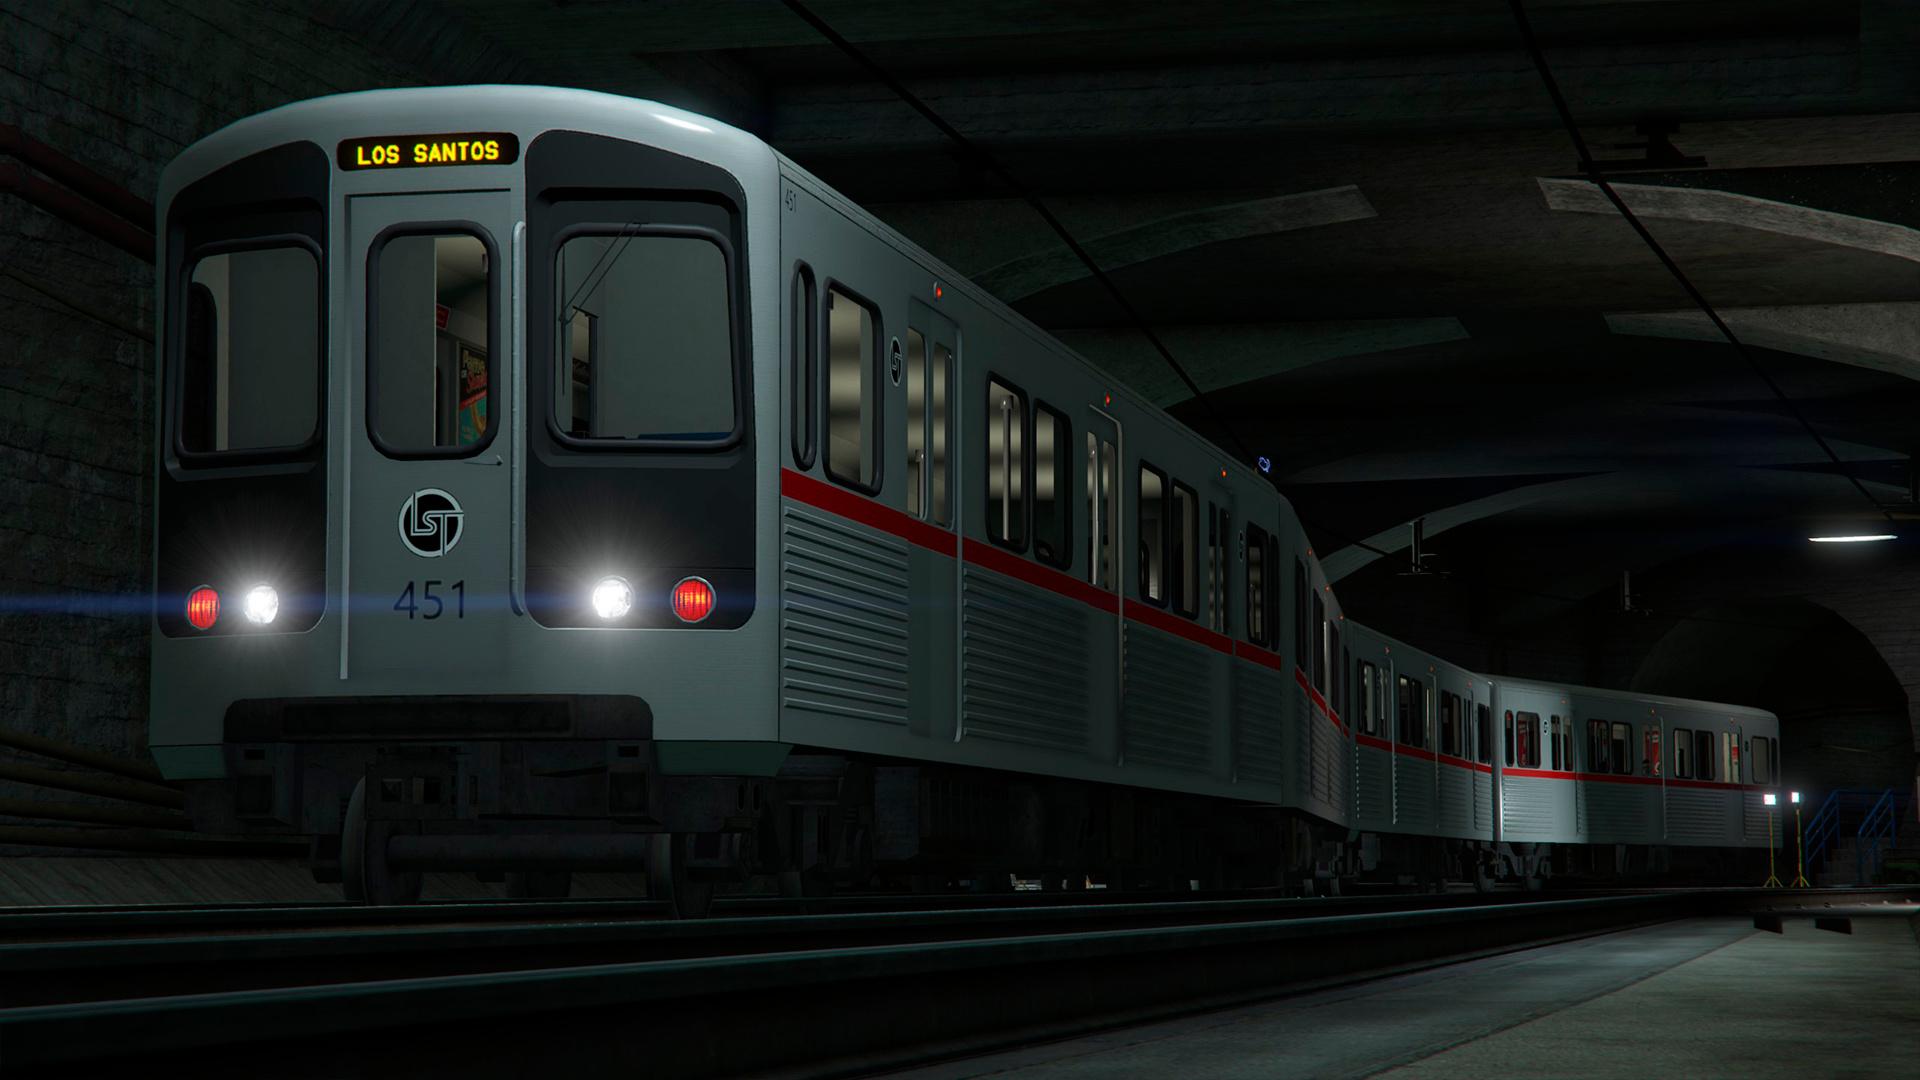 on the subway 一人ひとりのライフスタイルや、その日の気分にぴったりなチョイスを。サブウェイ公式サイトでは、人気のサンドイッチやヘルシーなランチにぴったりの日替わり .